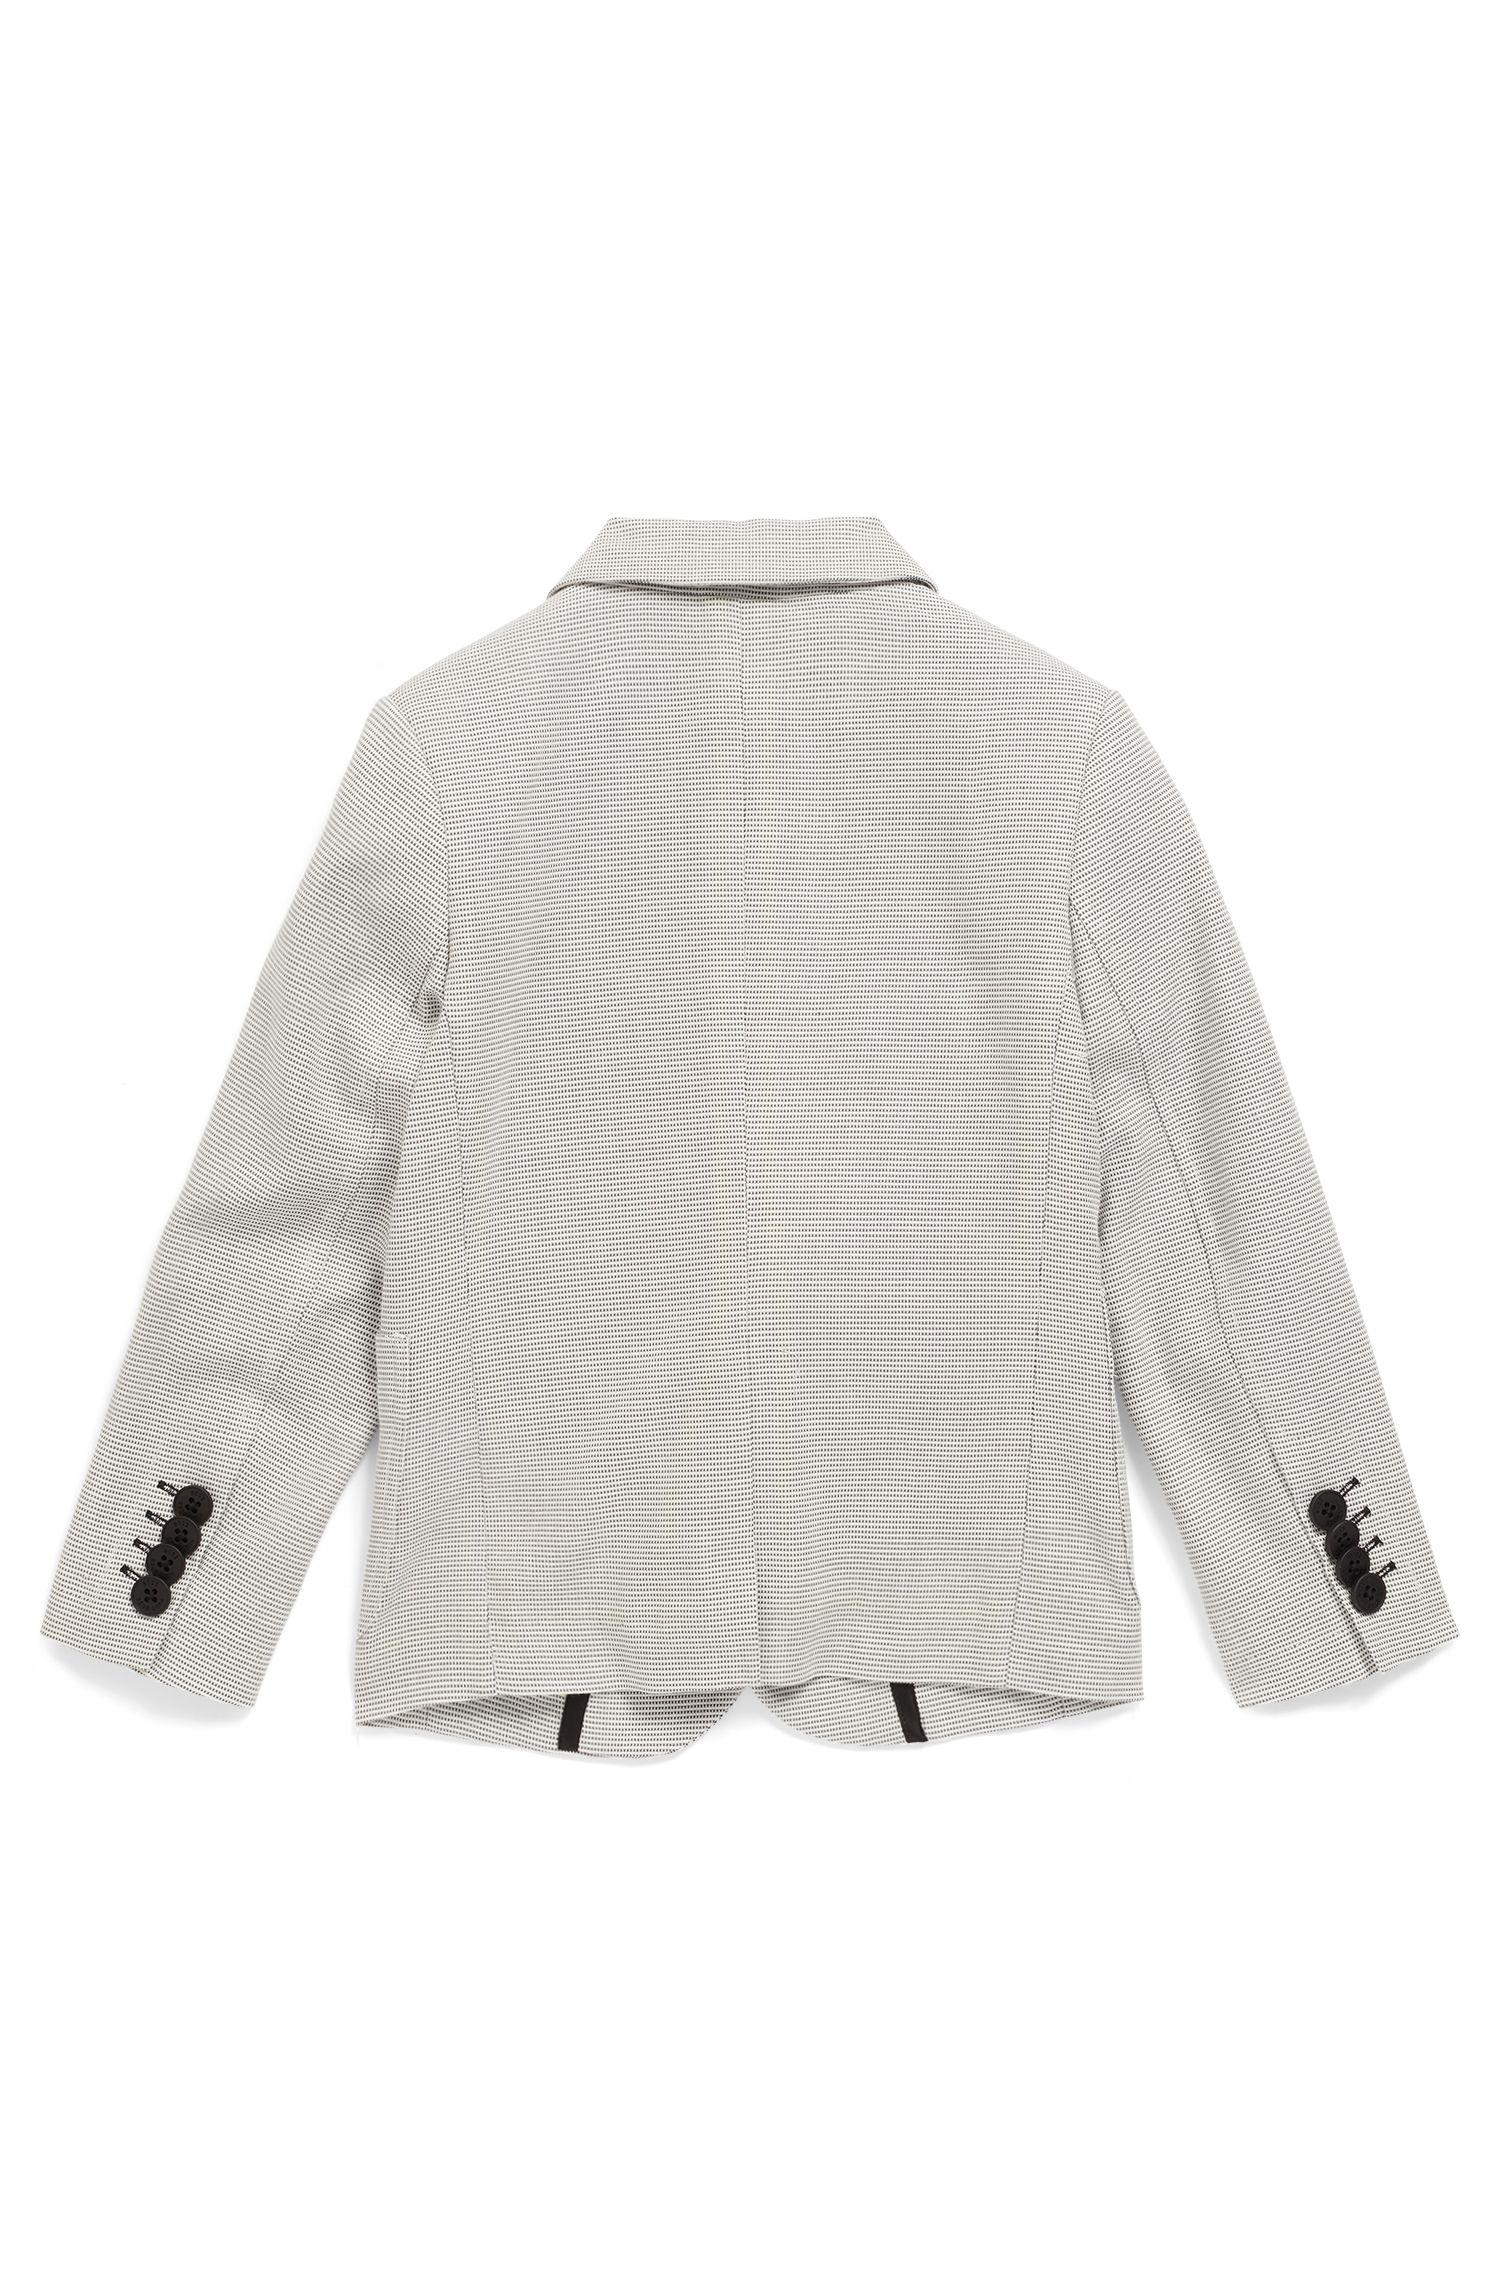 Chaqueta slim fit para niños en algodón dobby de dos tonos, Fantasía